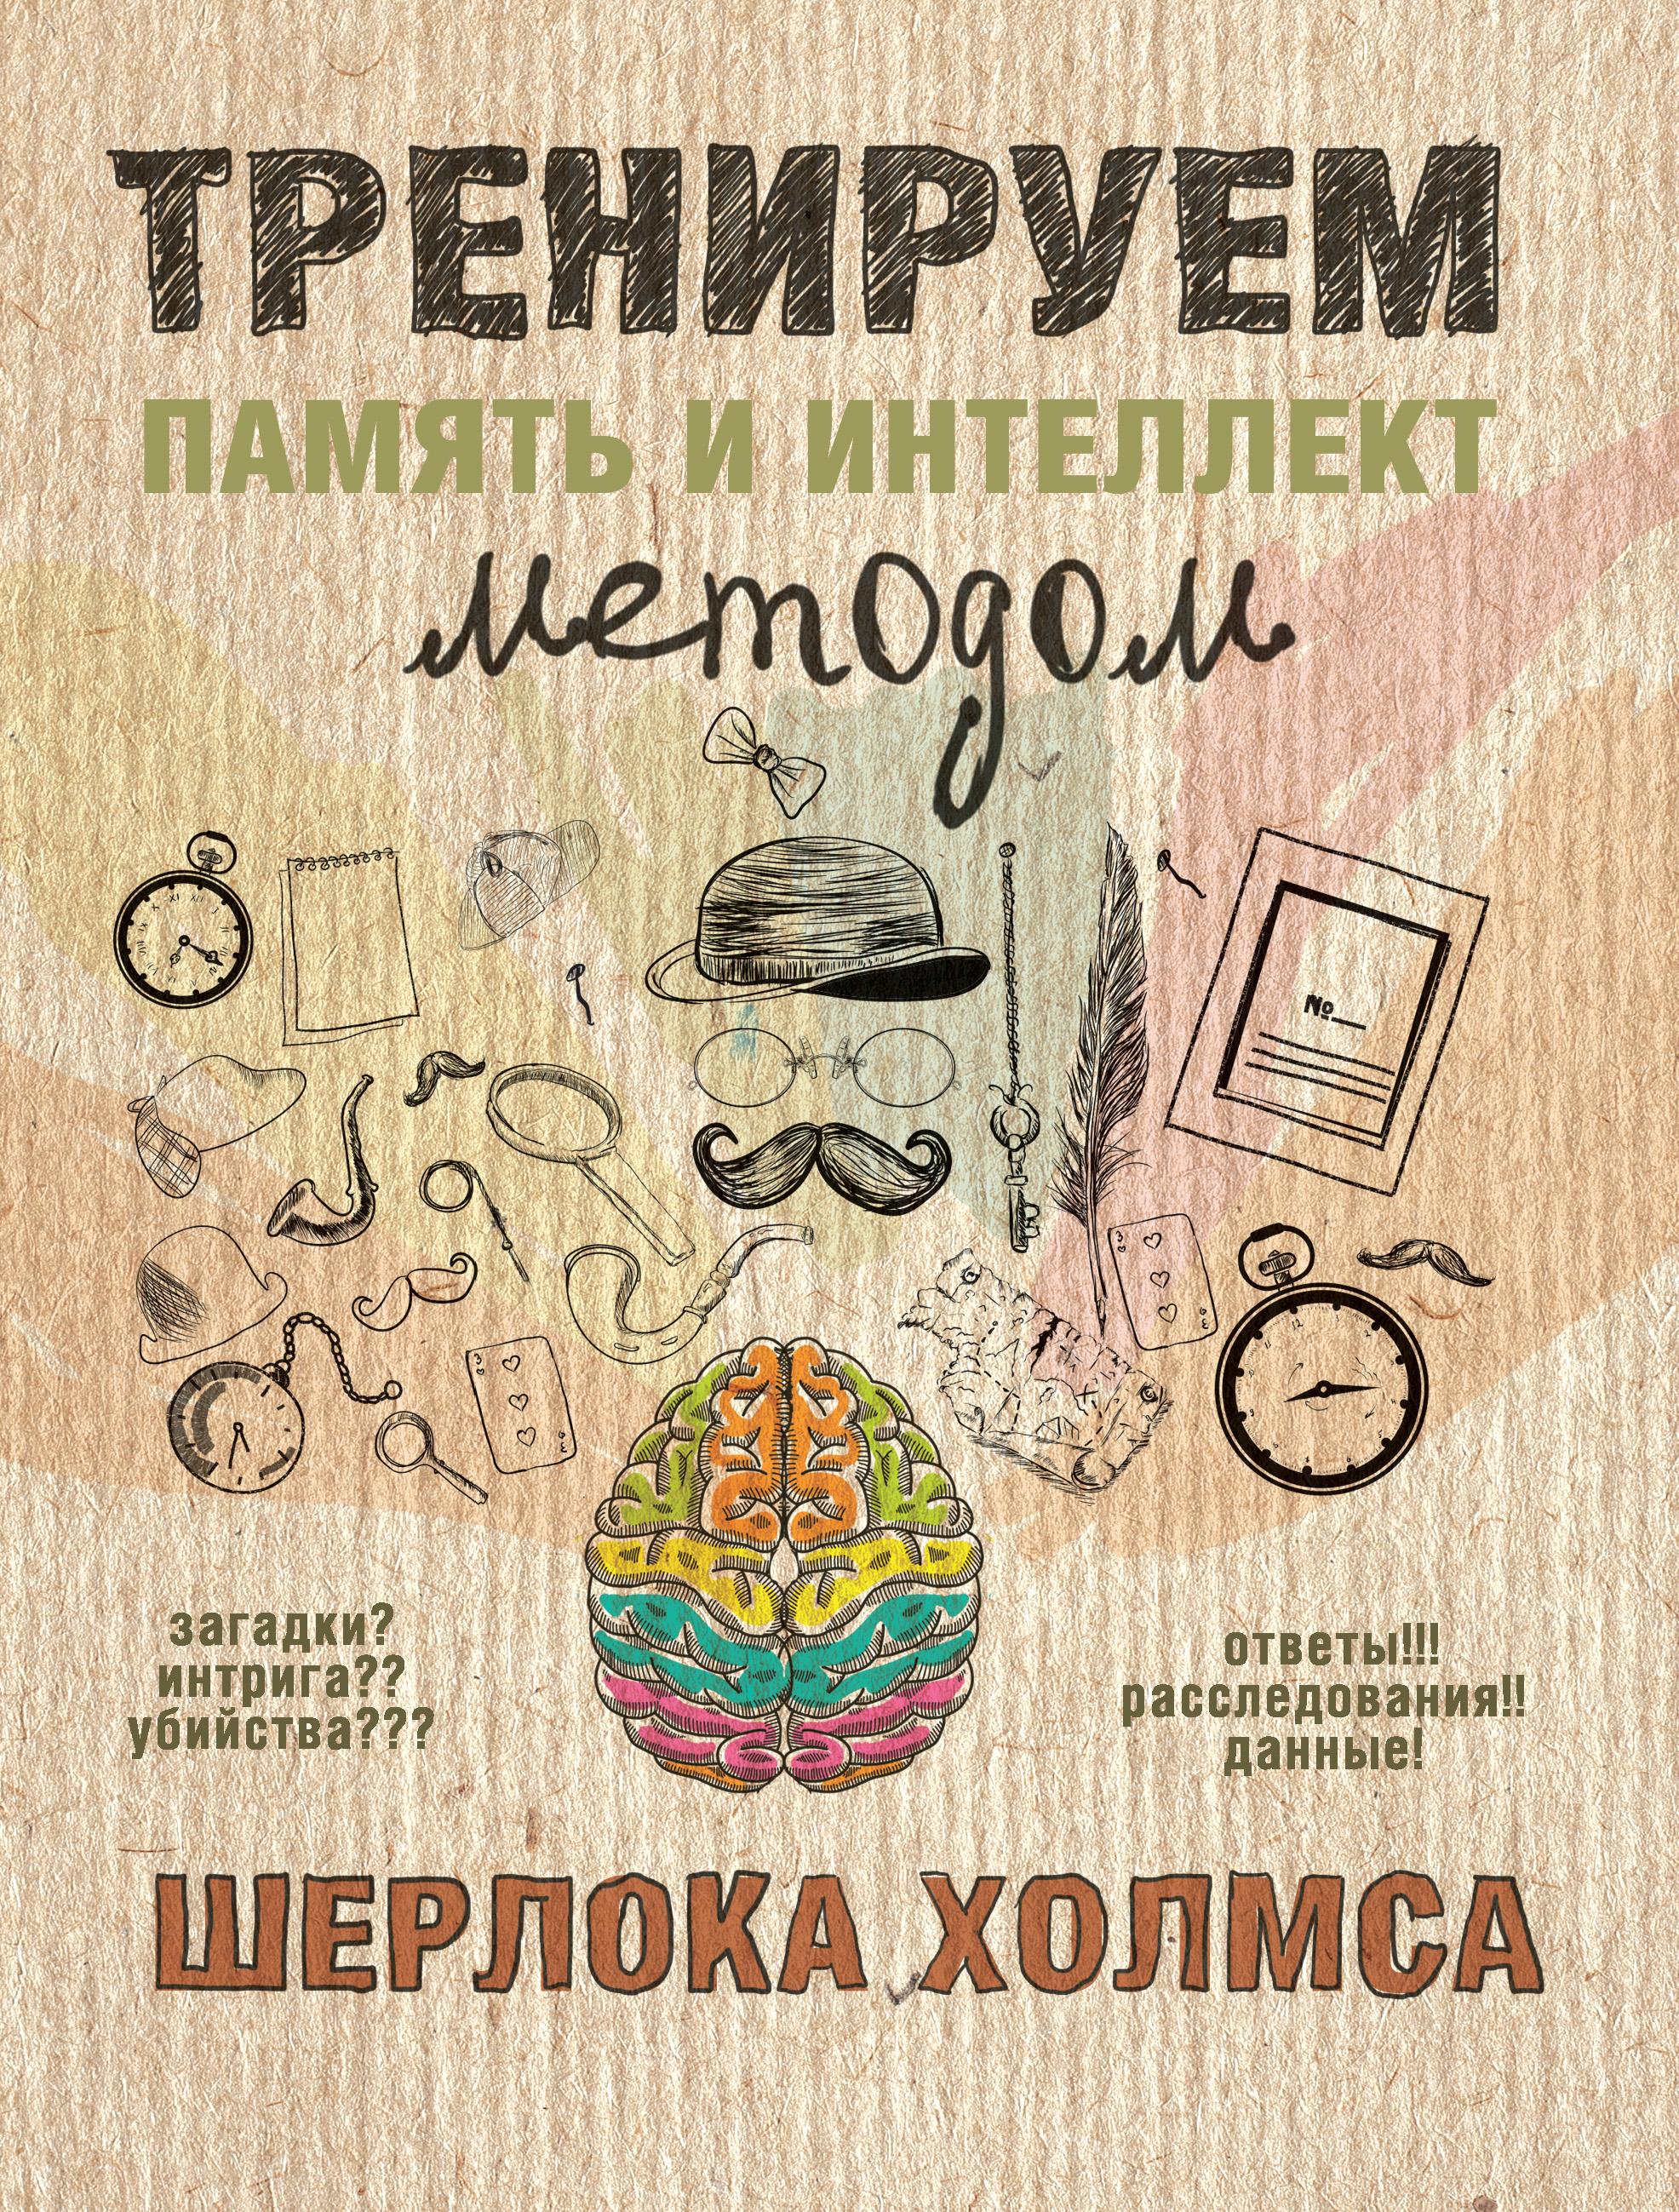 А. Ежова «Тренируем память и интеллект методом Шерлока Холмса»